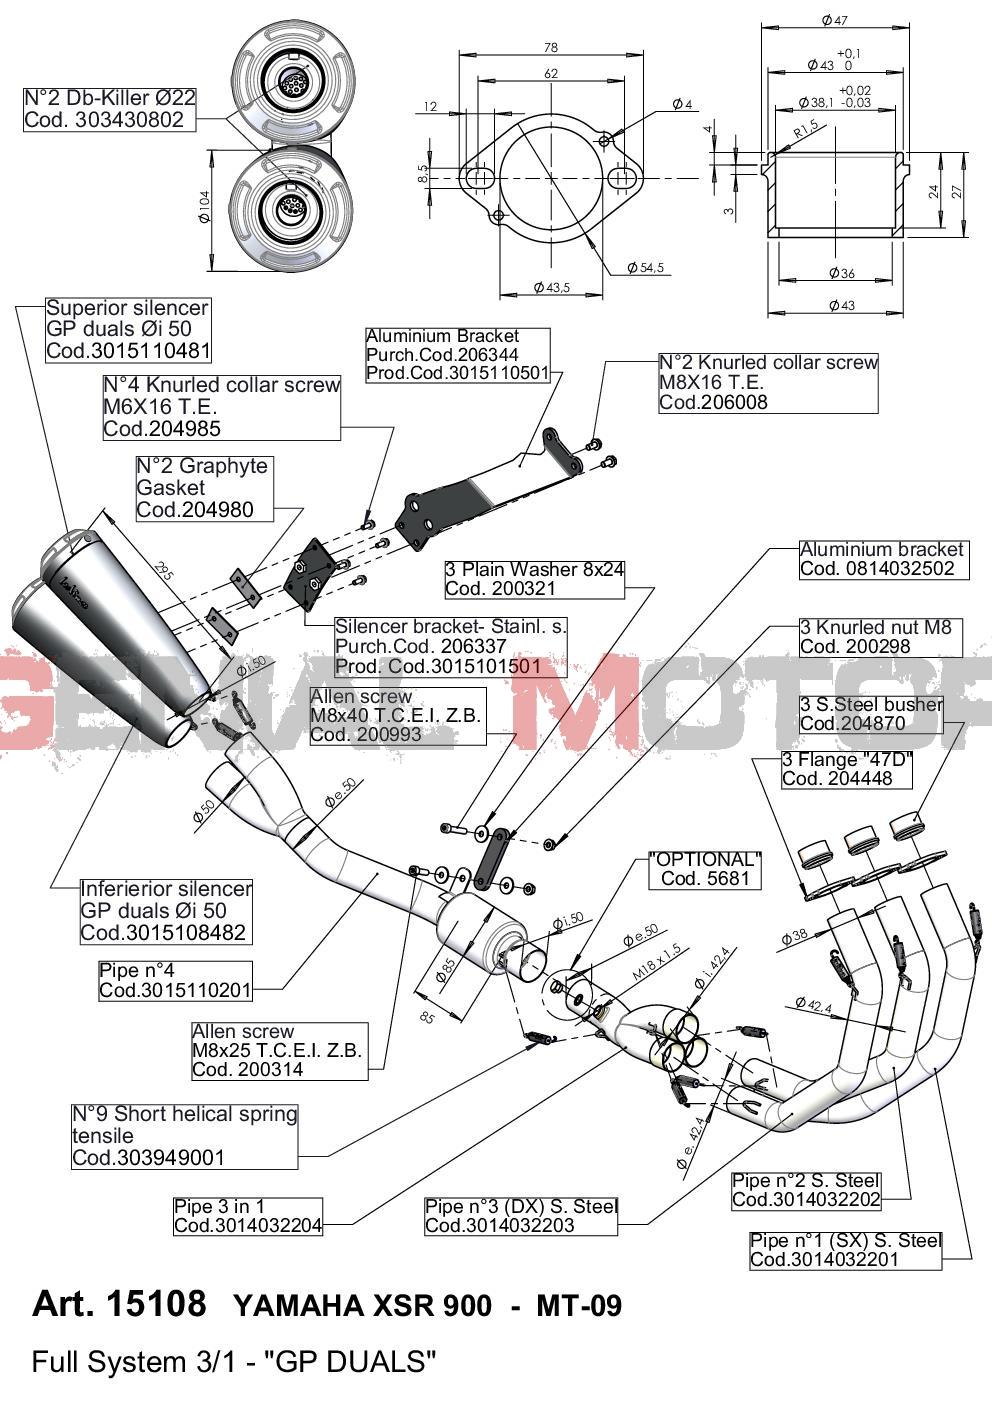 15108 Pot D'Echappement Complete Leovince Gp Duals Yamaha Mt 09/Fz 09/Abs 2013 > 2016